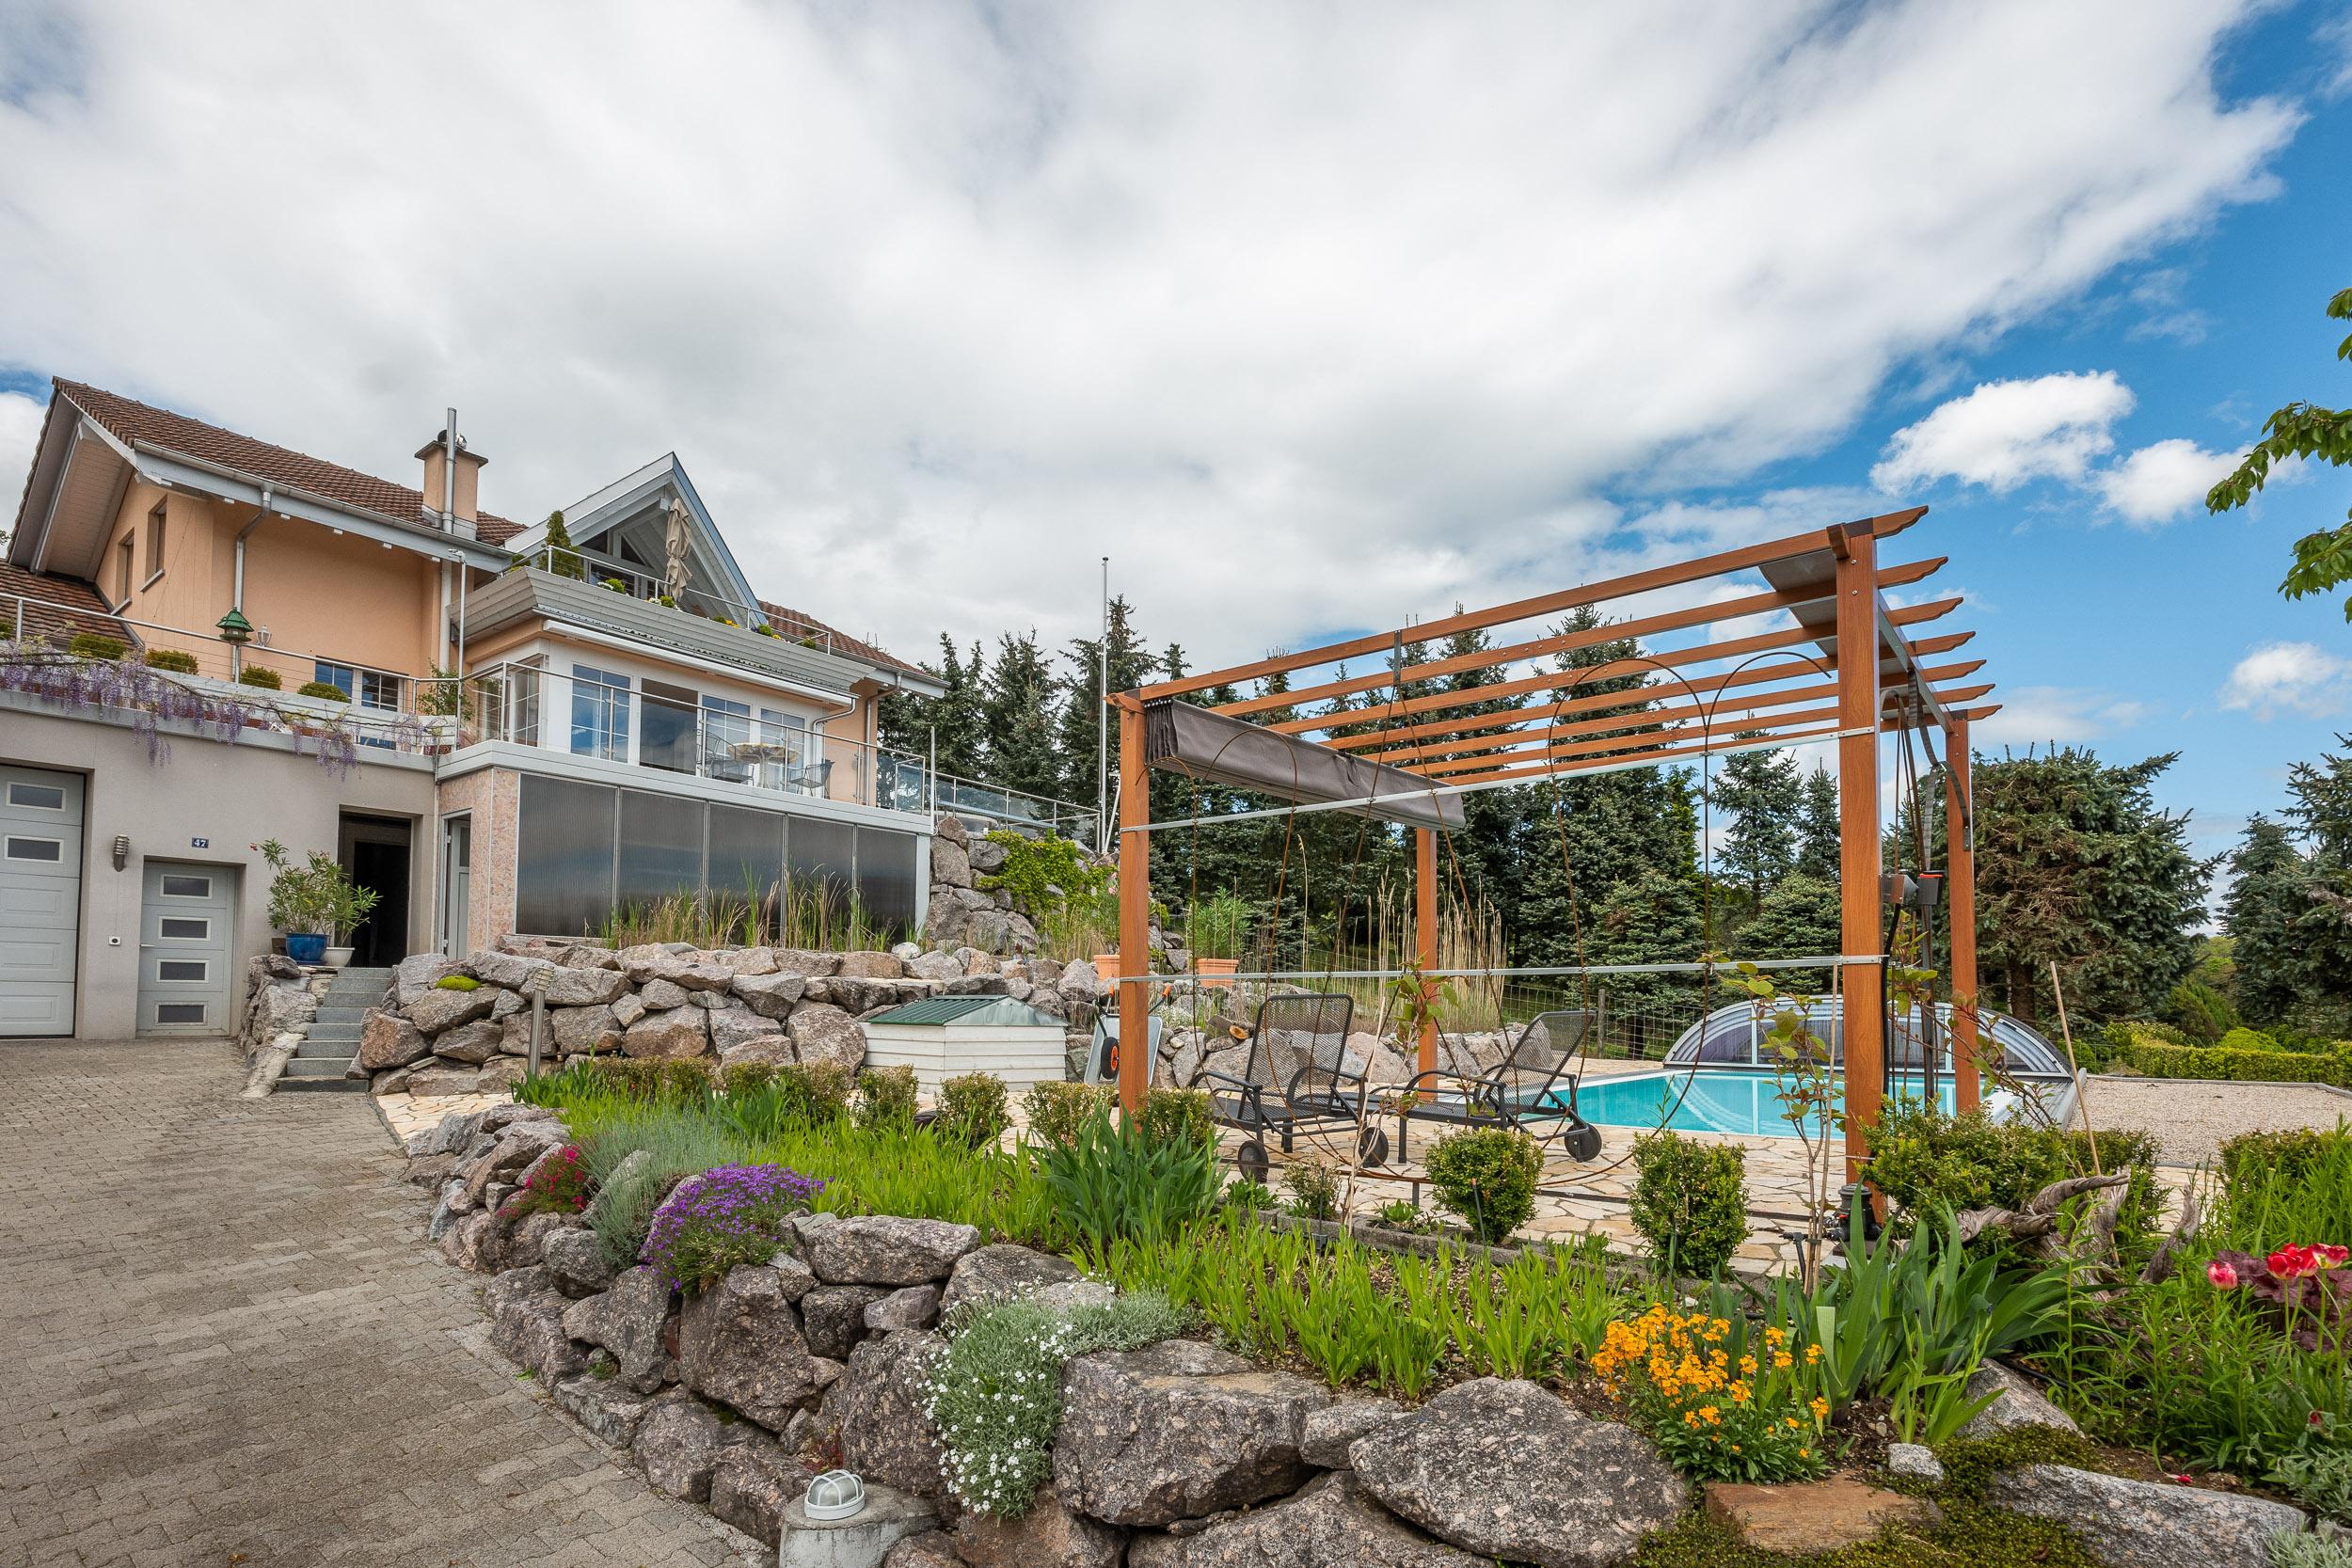 Blick von unten an das Haus und die Gartenanlage mit Swimmingpool und Naturteichen